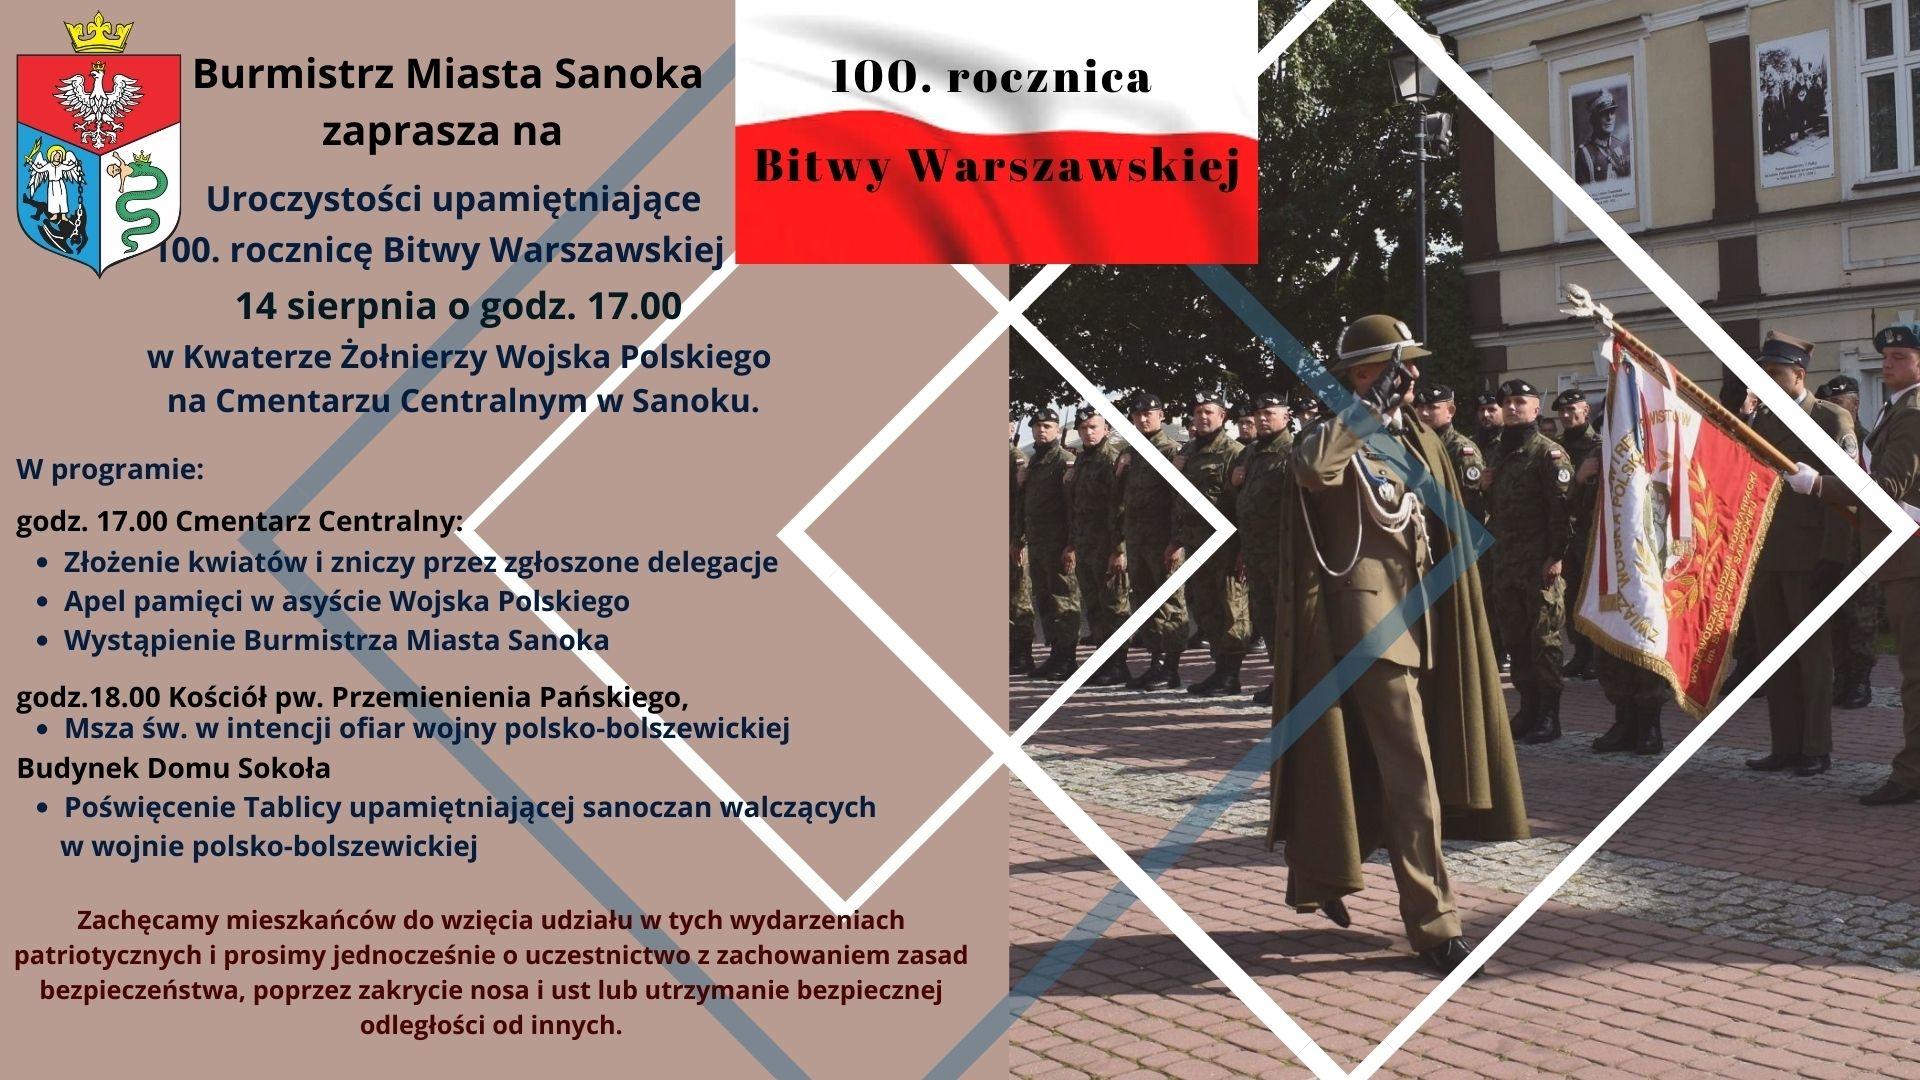 Obchody 100 rocznicy Bitwy Warszawskiej - Zdjęcie główne